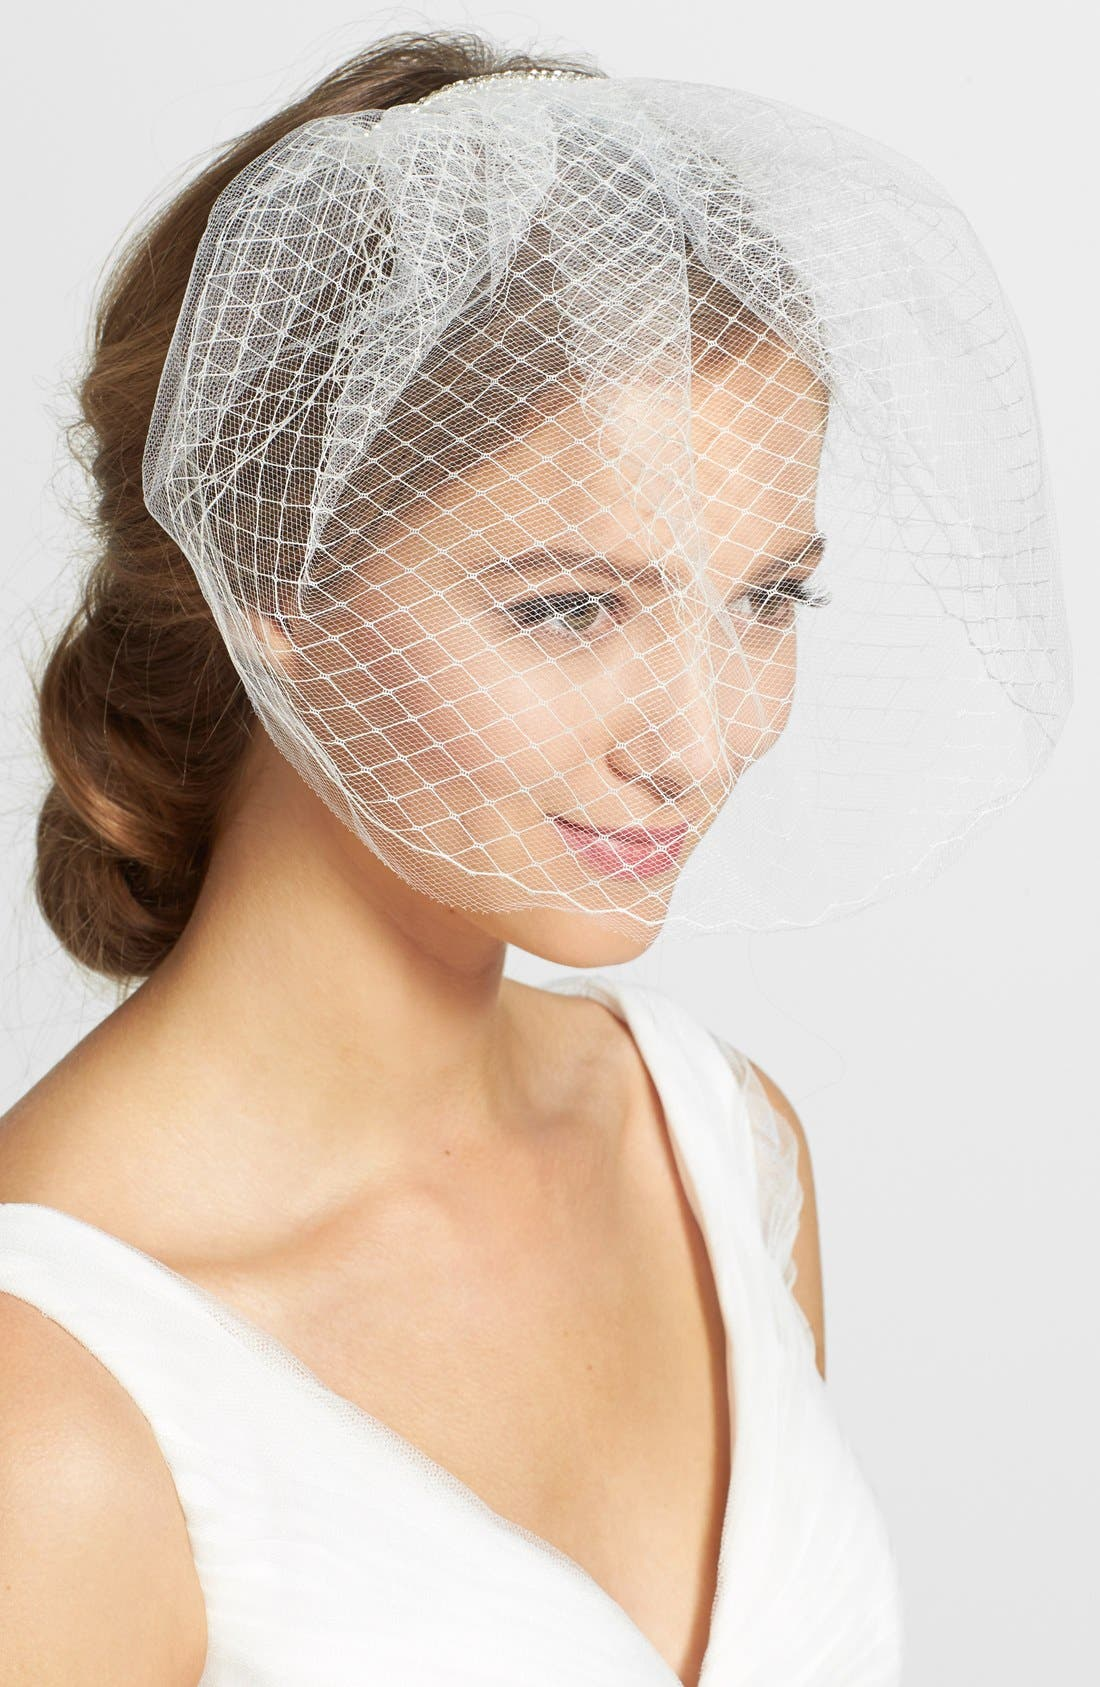 Alternate Image 1 Selected - J-Picone Crystal Embellished Tulle Blusher/Birdcage Veil